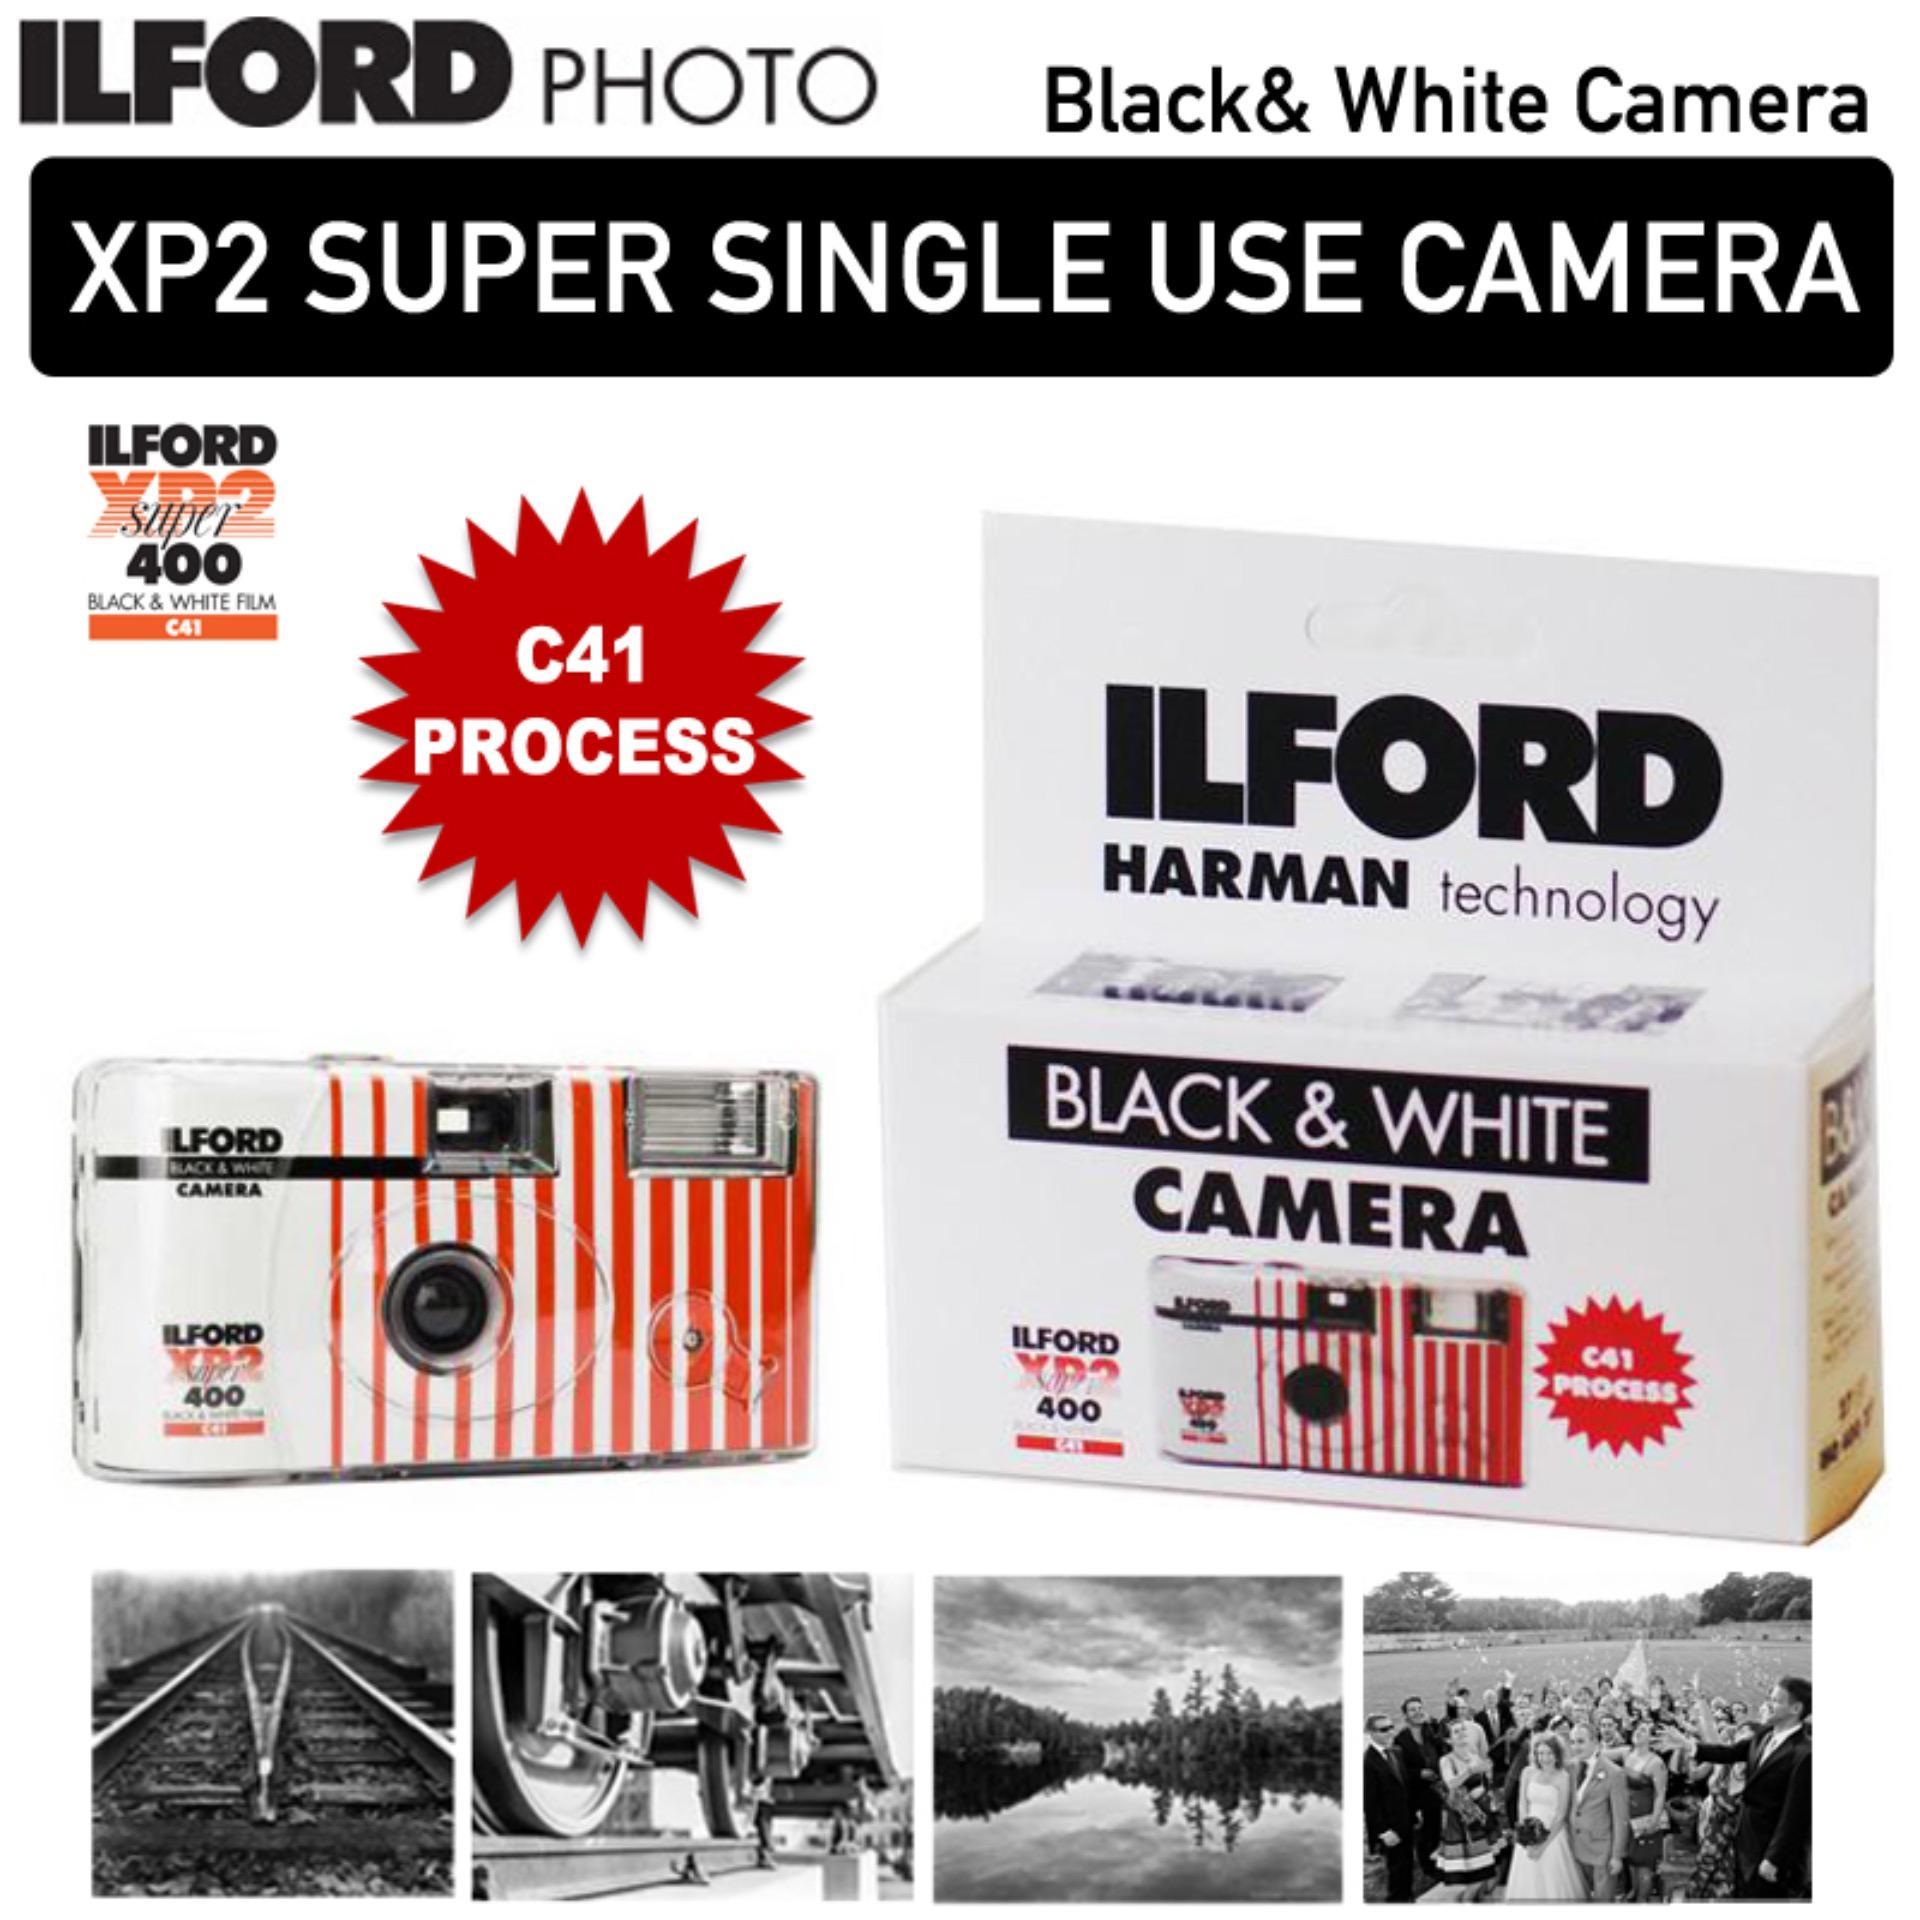 ILFORD XP2 SUPER SINGLE USE DISPOSABLE BlACK AND WHITE CAMERA